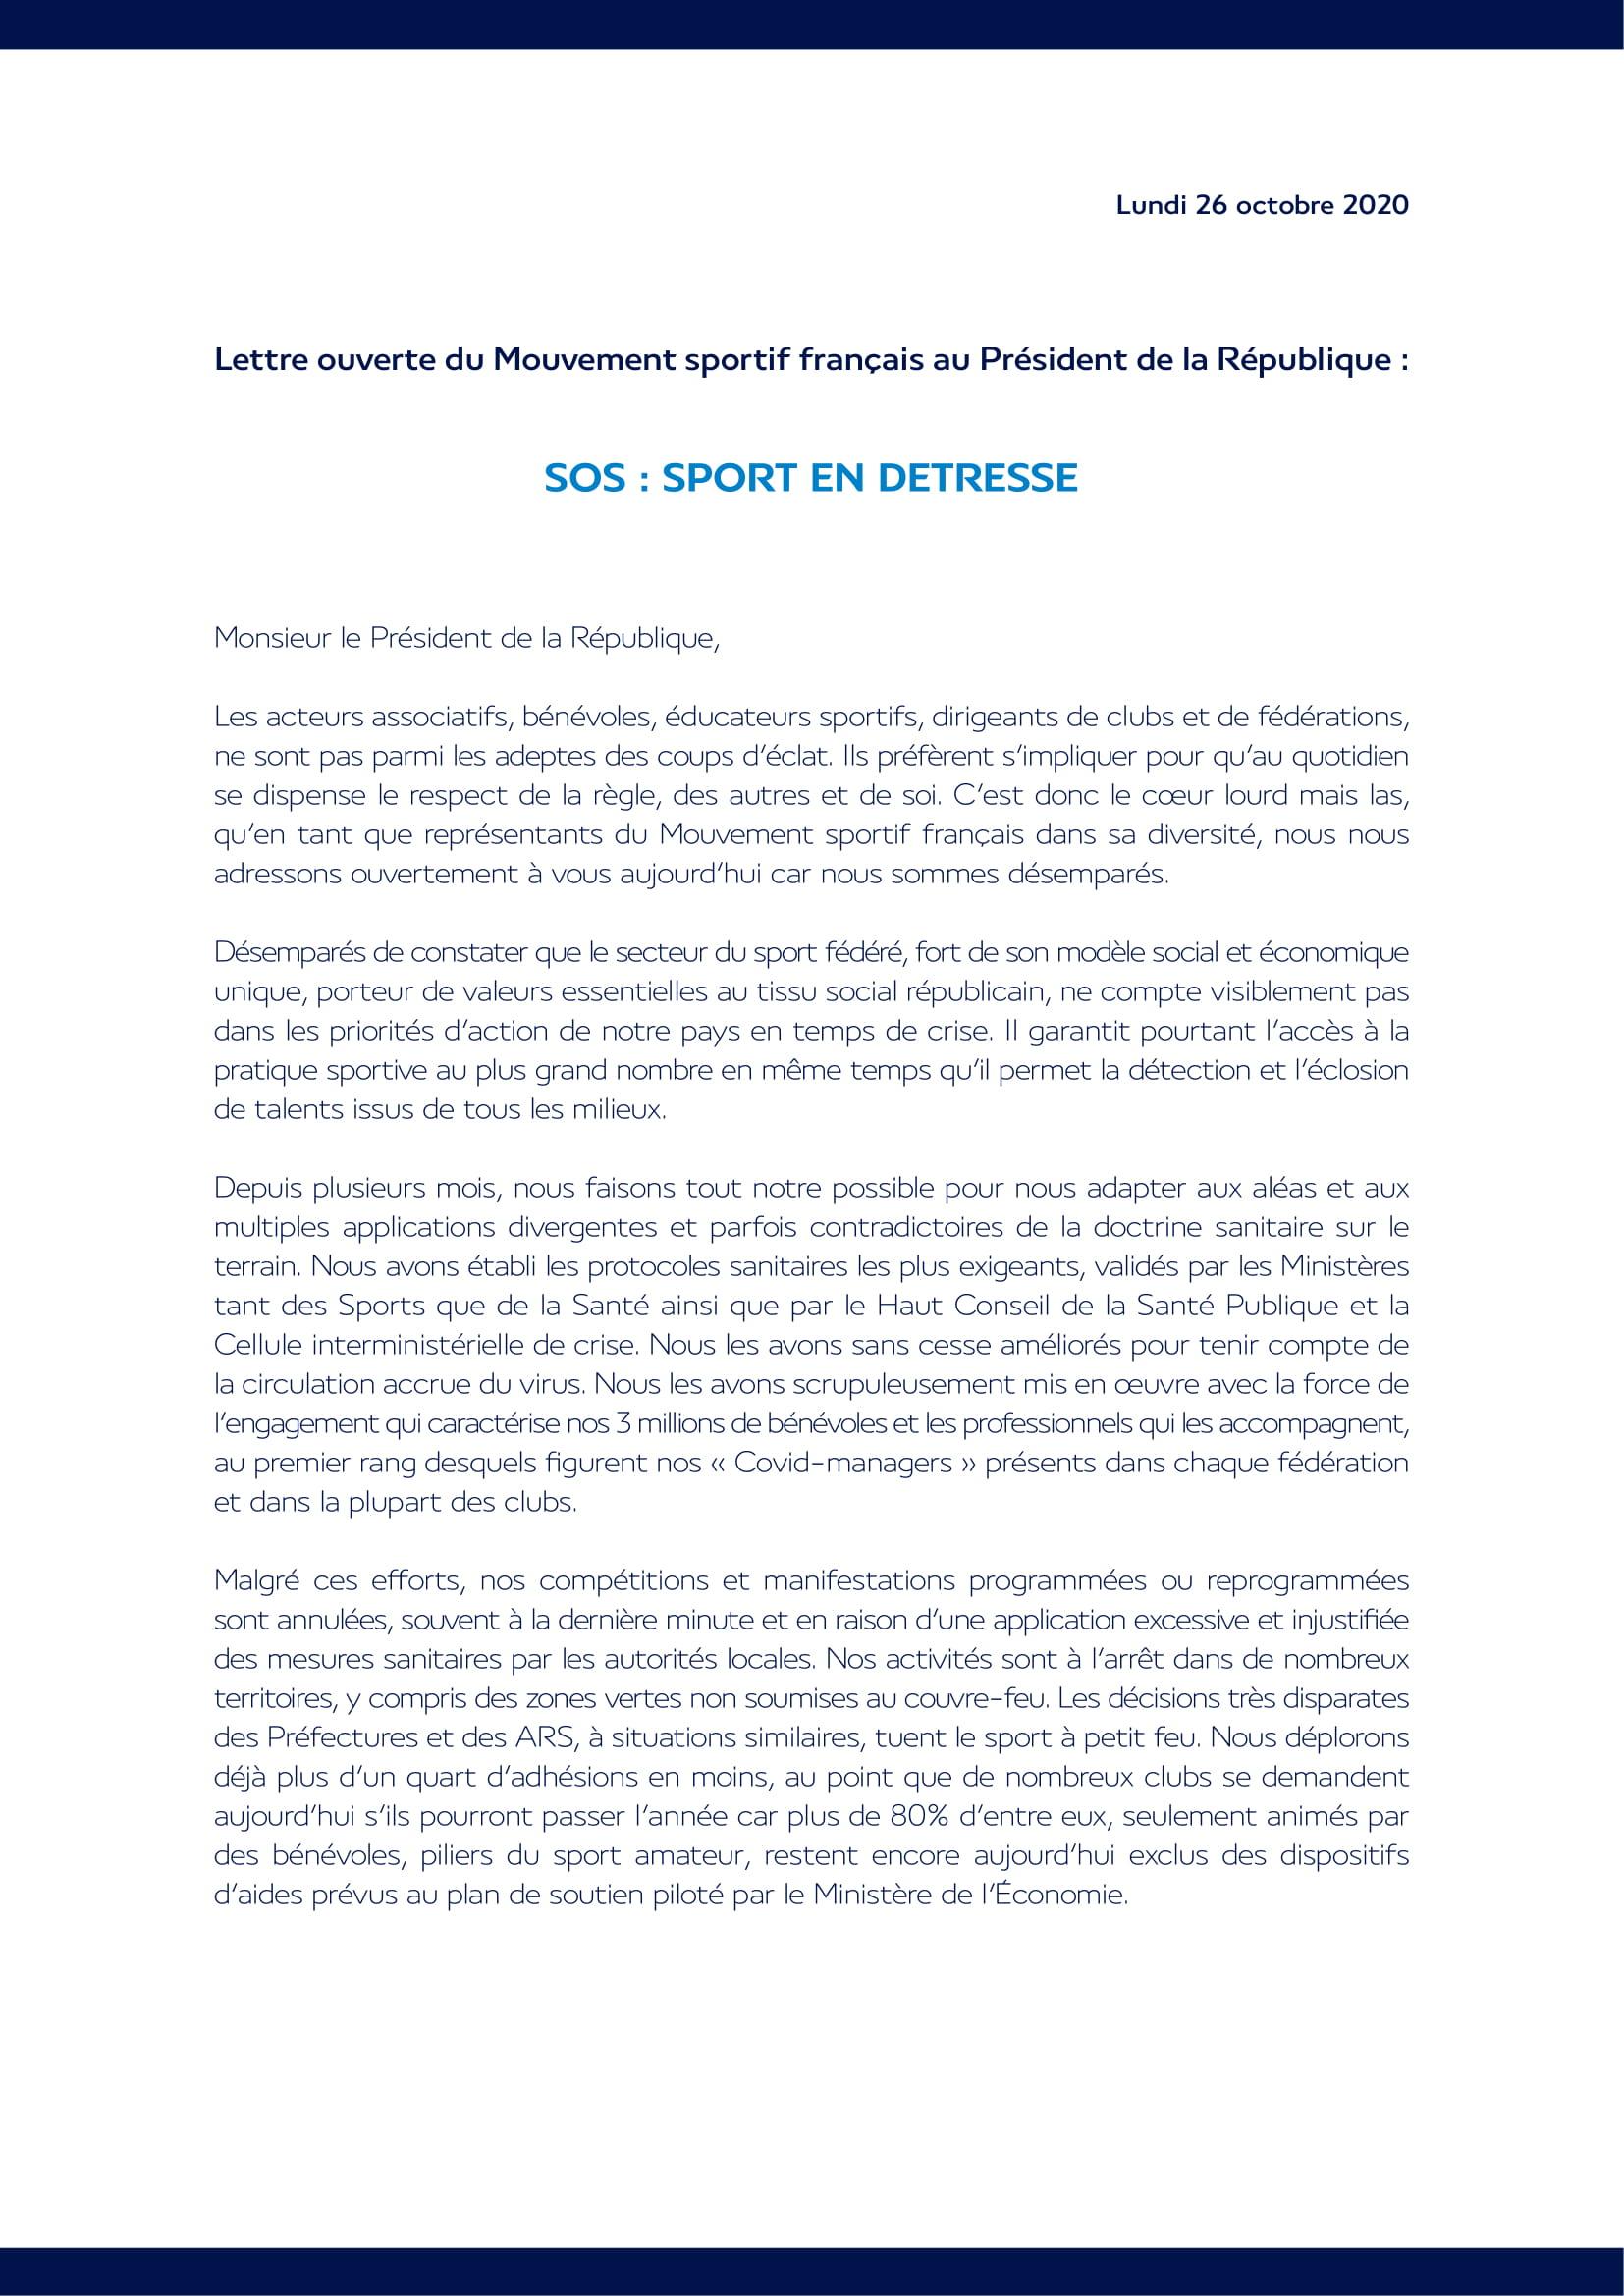 5216_f1_2020_10_26_-_lettre_ouverte_au_president_de_la_republique-1.jpg